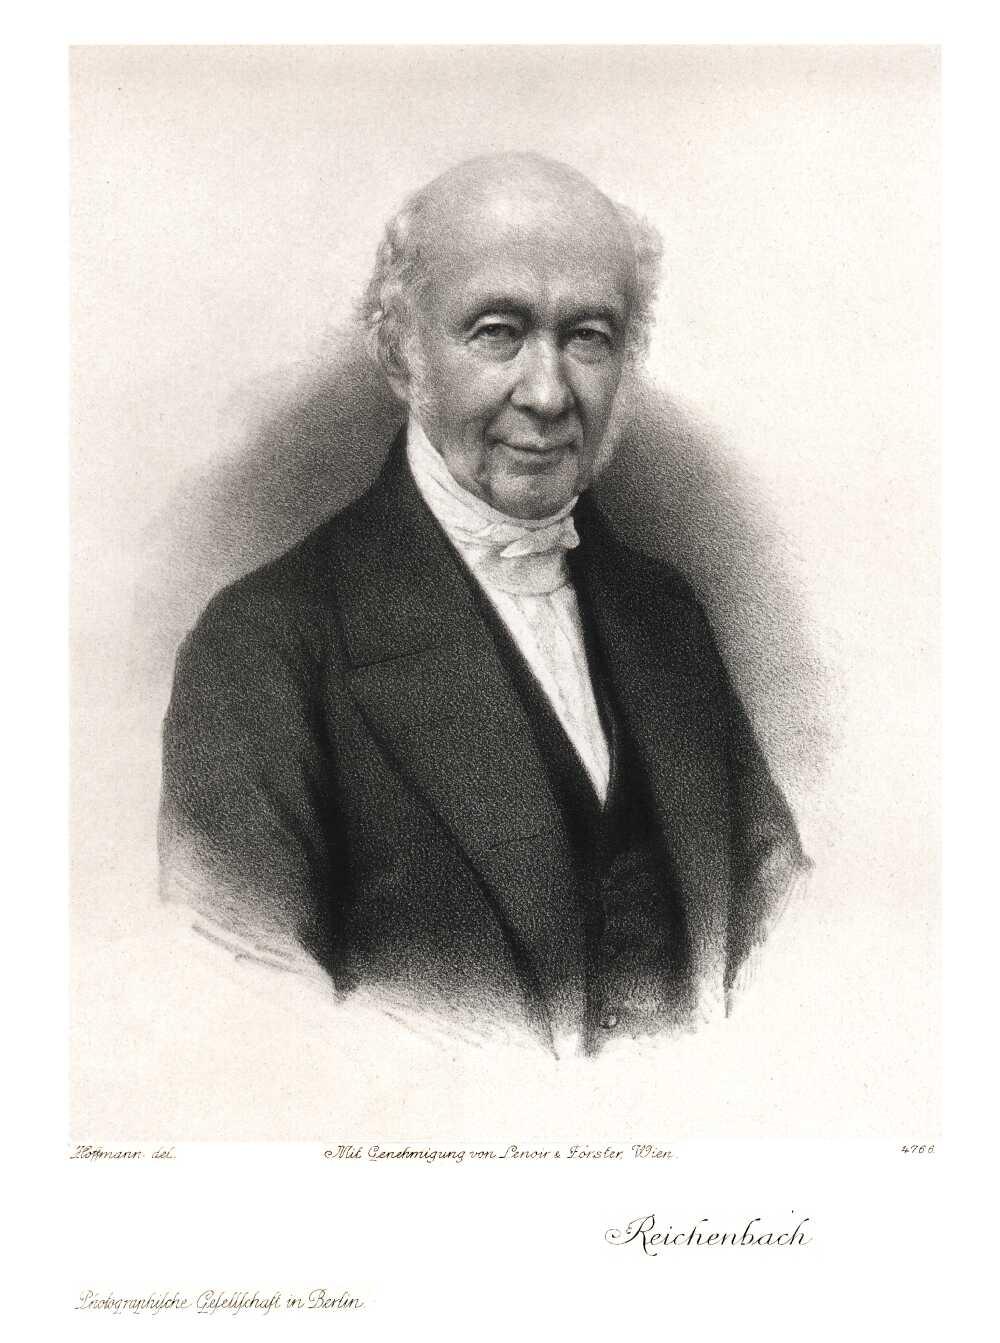 Karl von Reichenbach (1788-1869) deutscher Chemiker und Erfinder, lithograph by Rudolf Hoffmann.